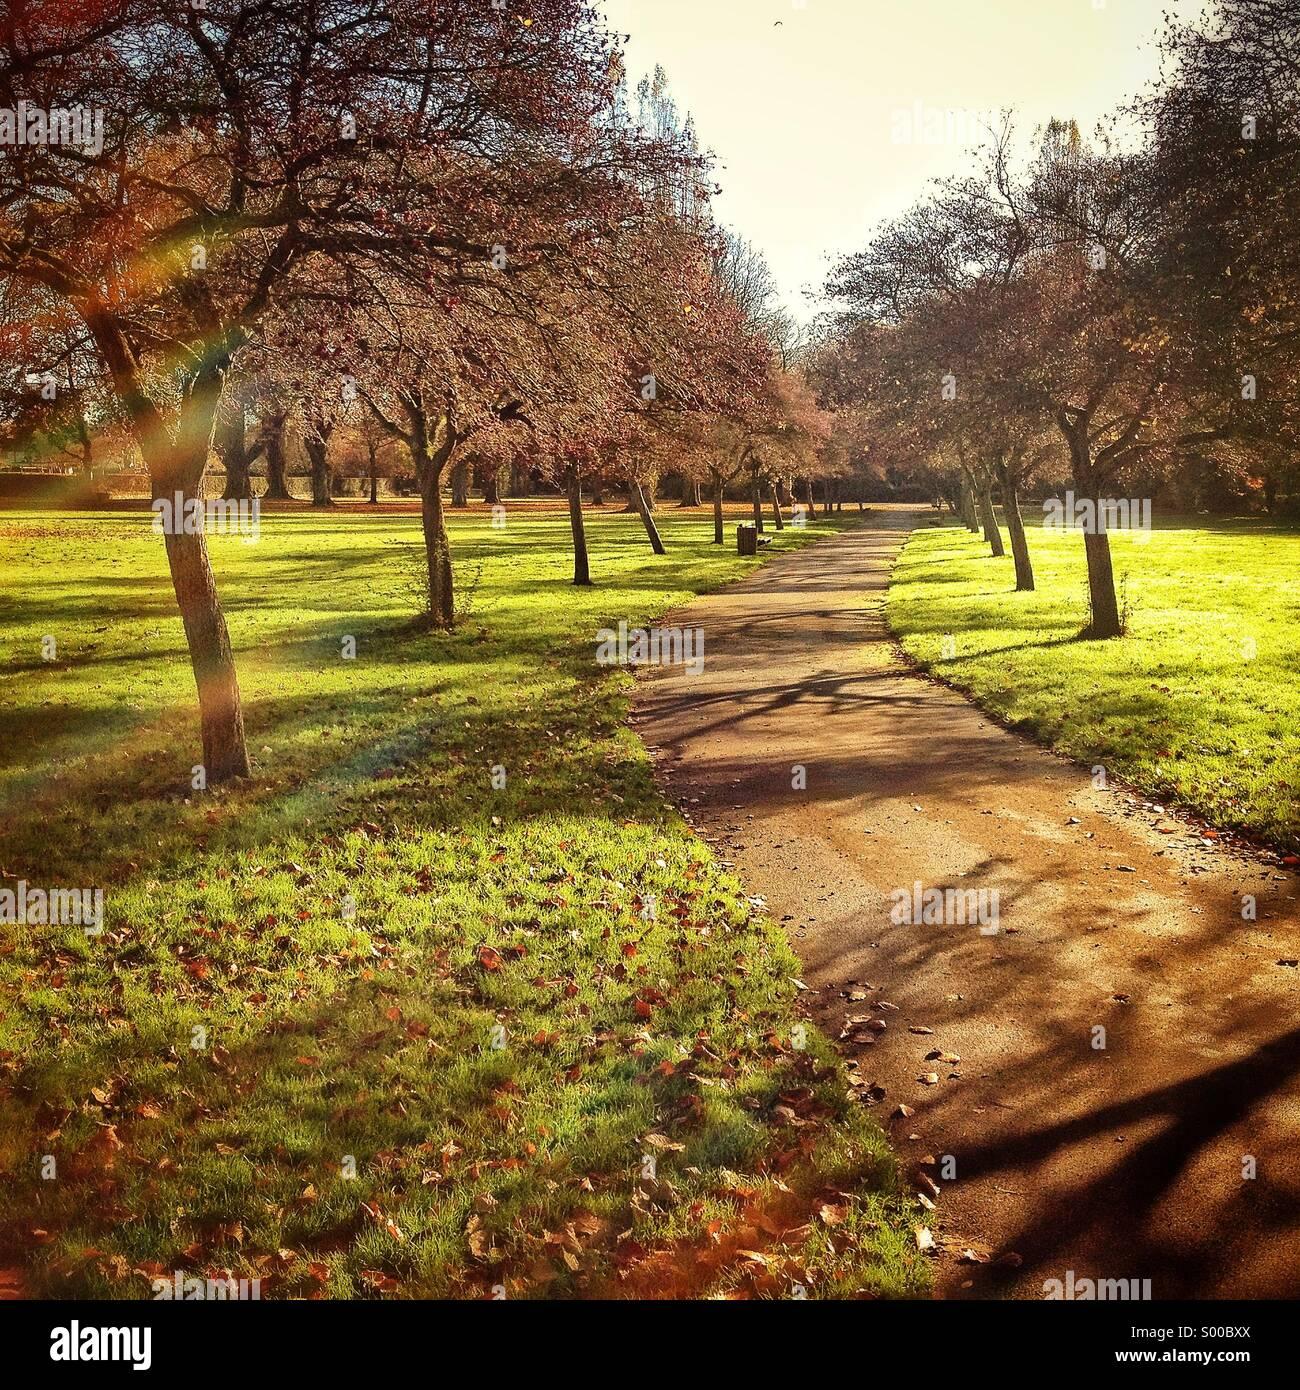 Ruta a través de Florencia park en Oxford, Reino Unido Imagen De Stock